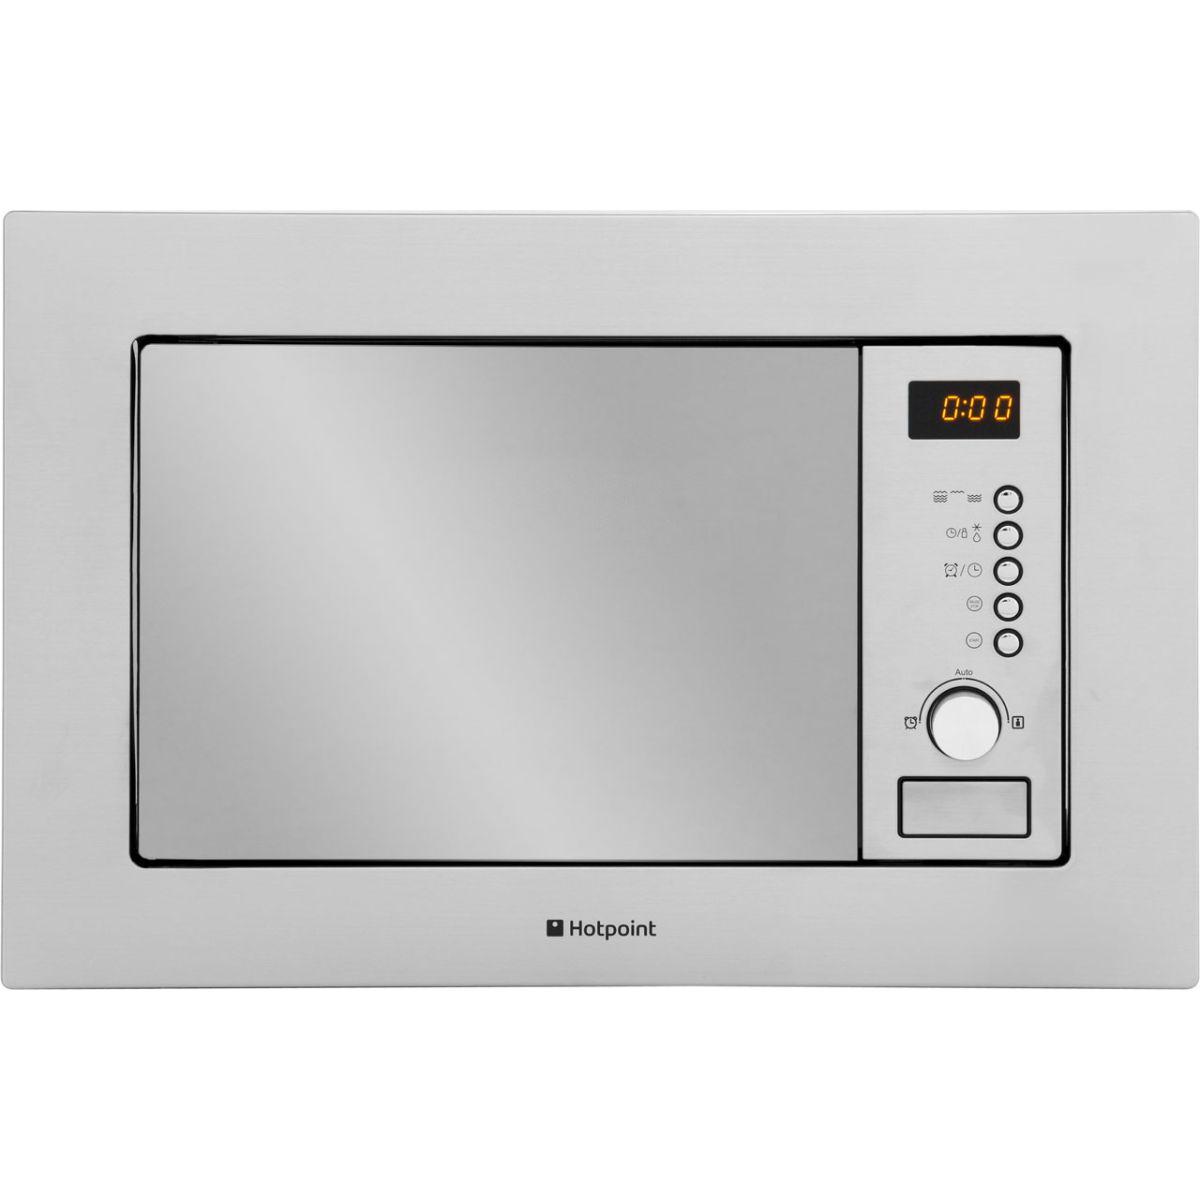 Compact Microwave For Caravan Bestmicrowave